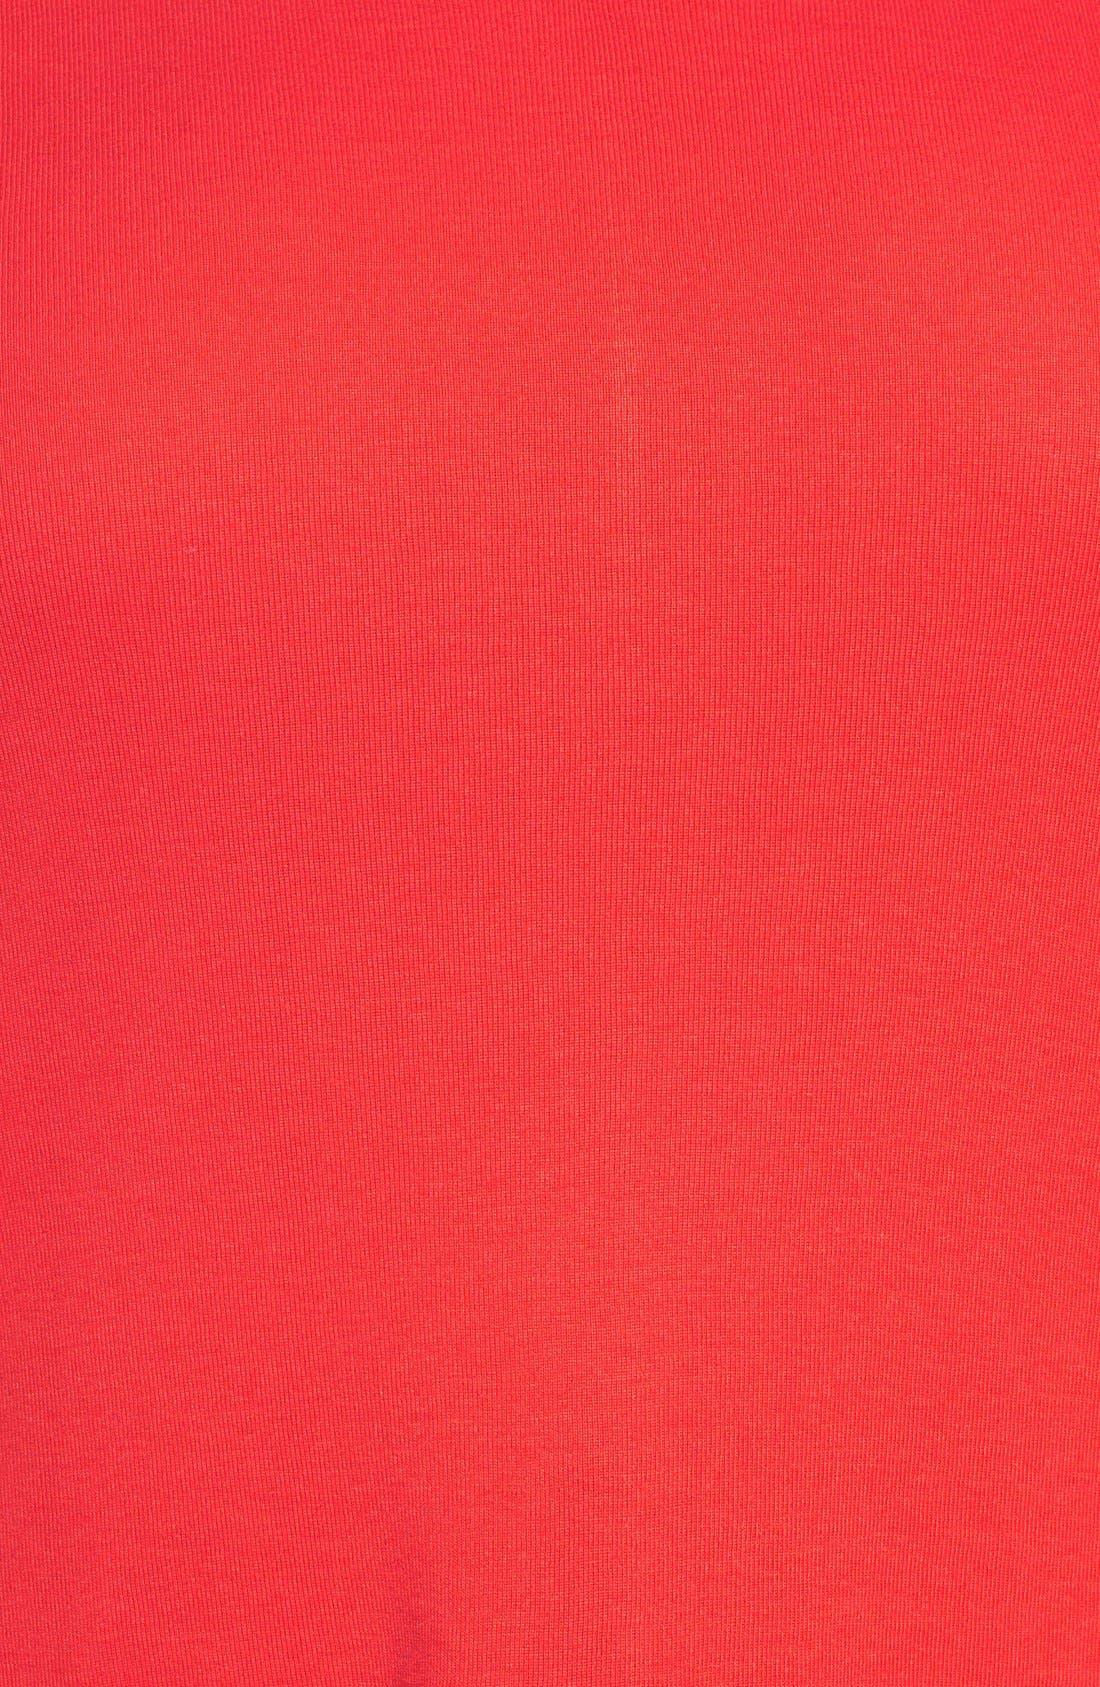 Short Sleeve V-Neck Tee,                             Alternate thumbnail 167, color,